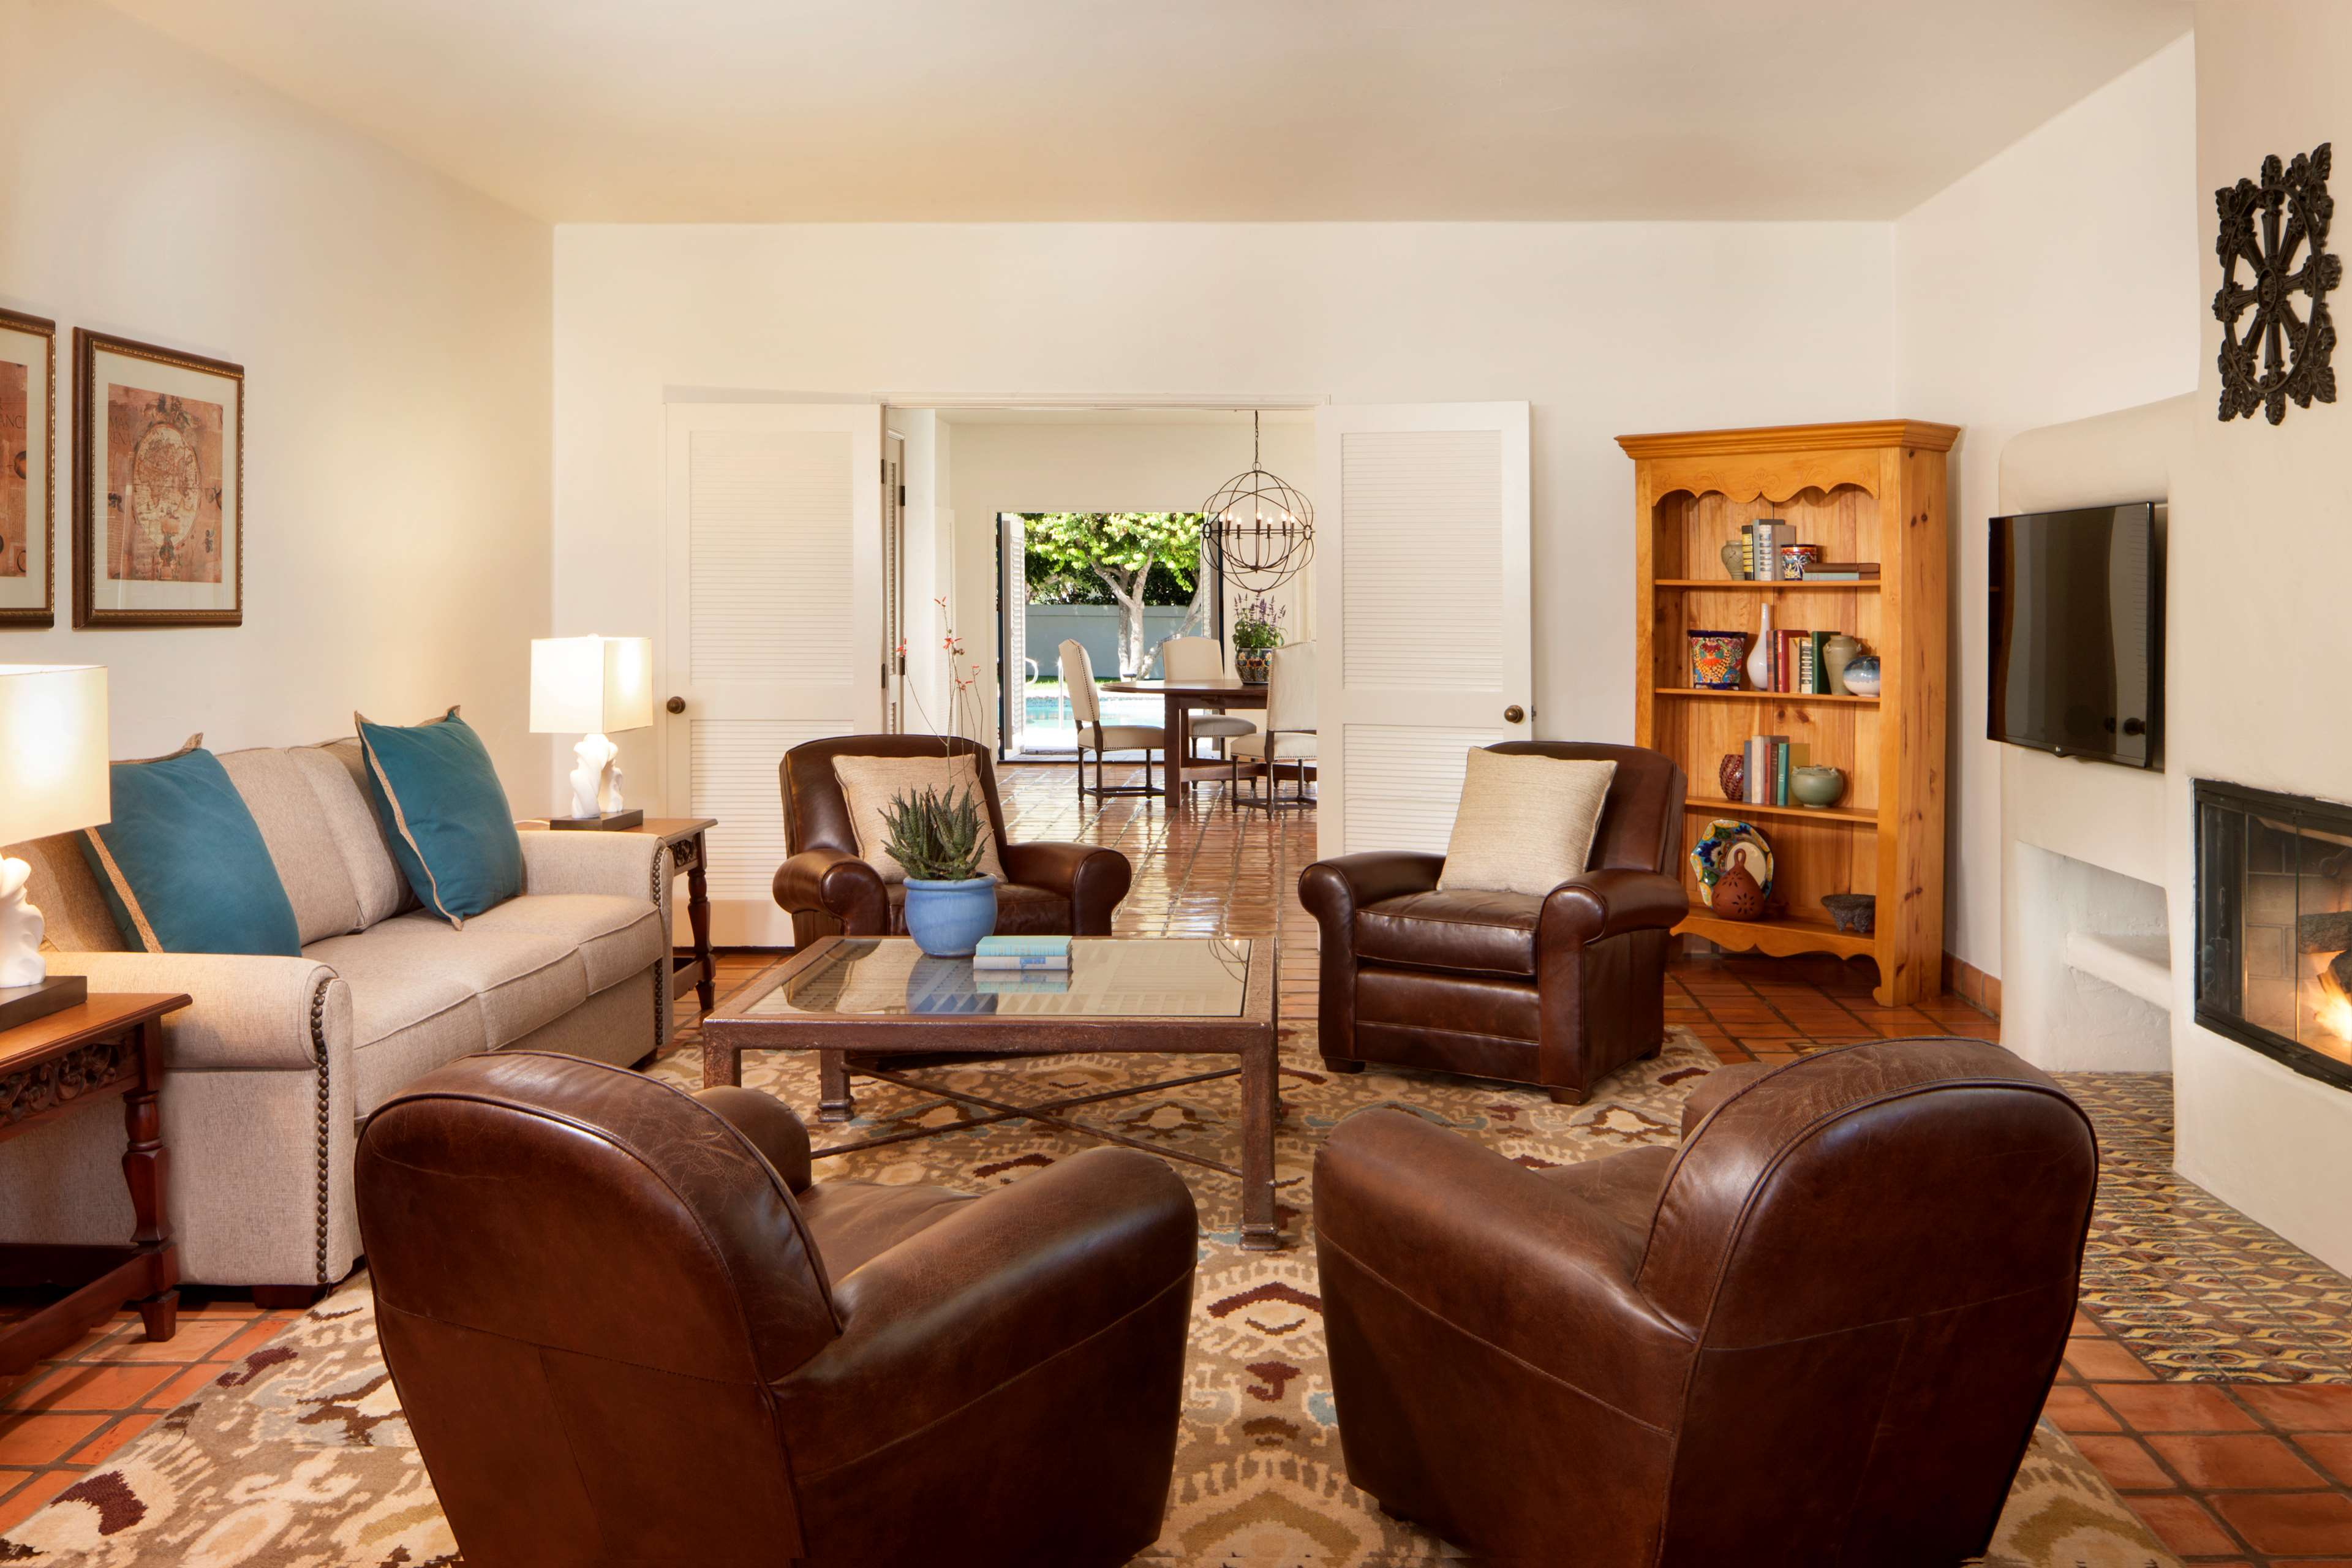 La Quinta Resort & Club, A Waldorf Astoria Resort image 29